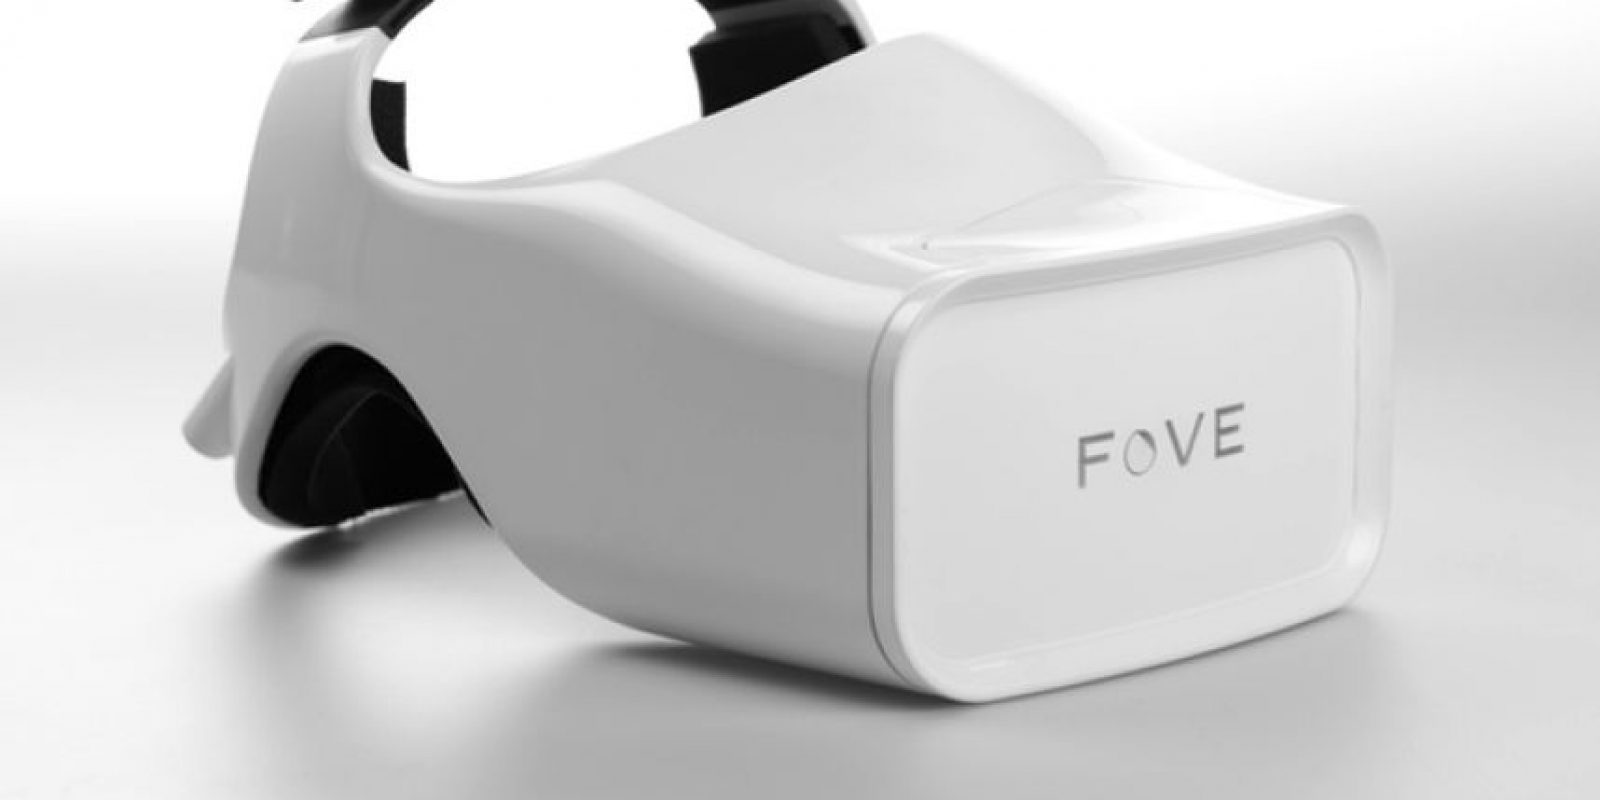 FOVE es la primer invento que utilizará los ojos como controlador de videojuegos Foto:FOVE / Kickstarter